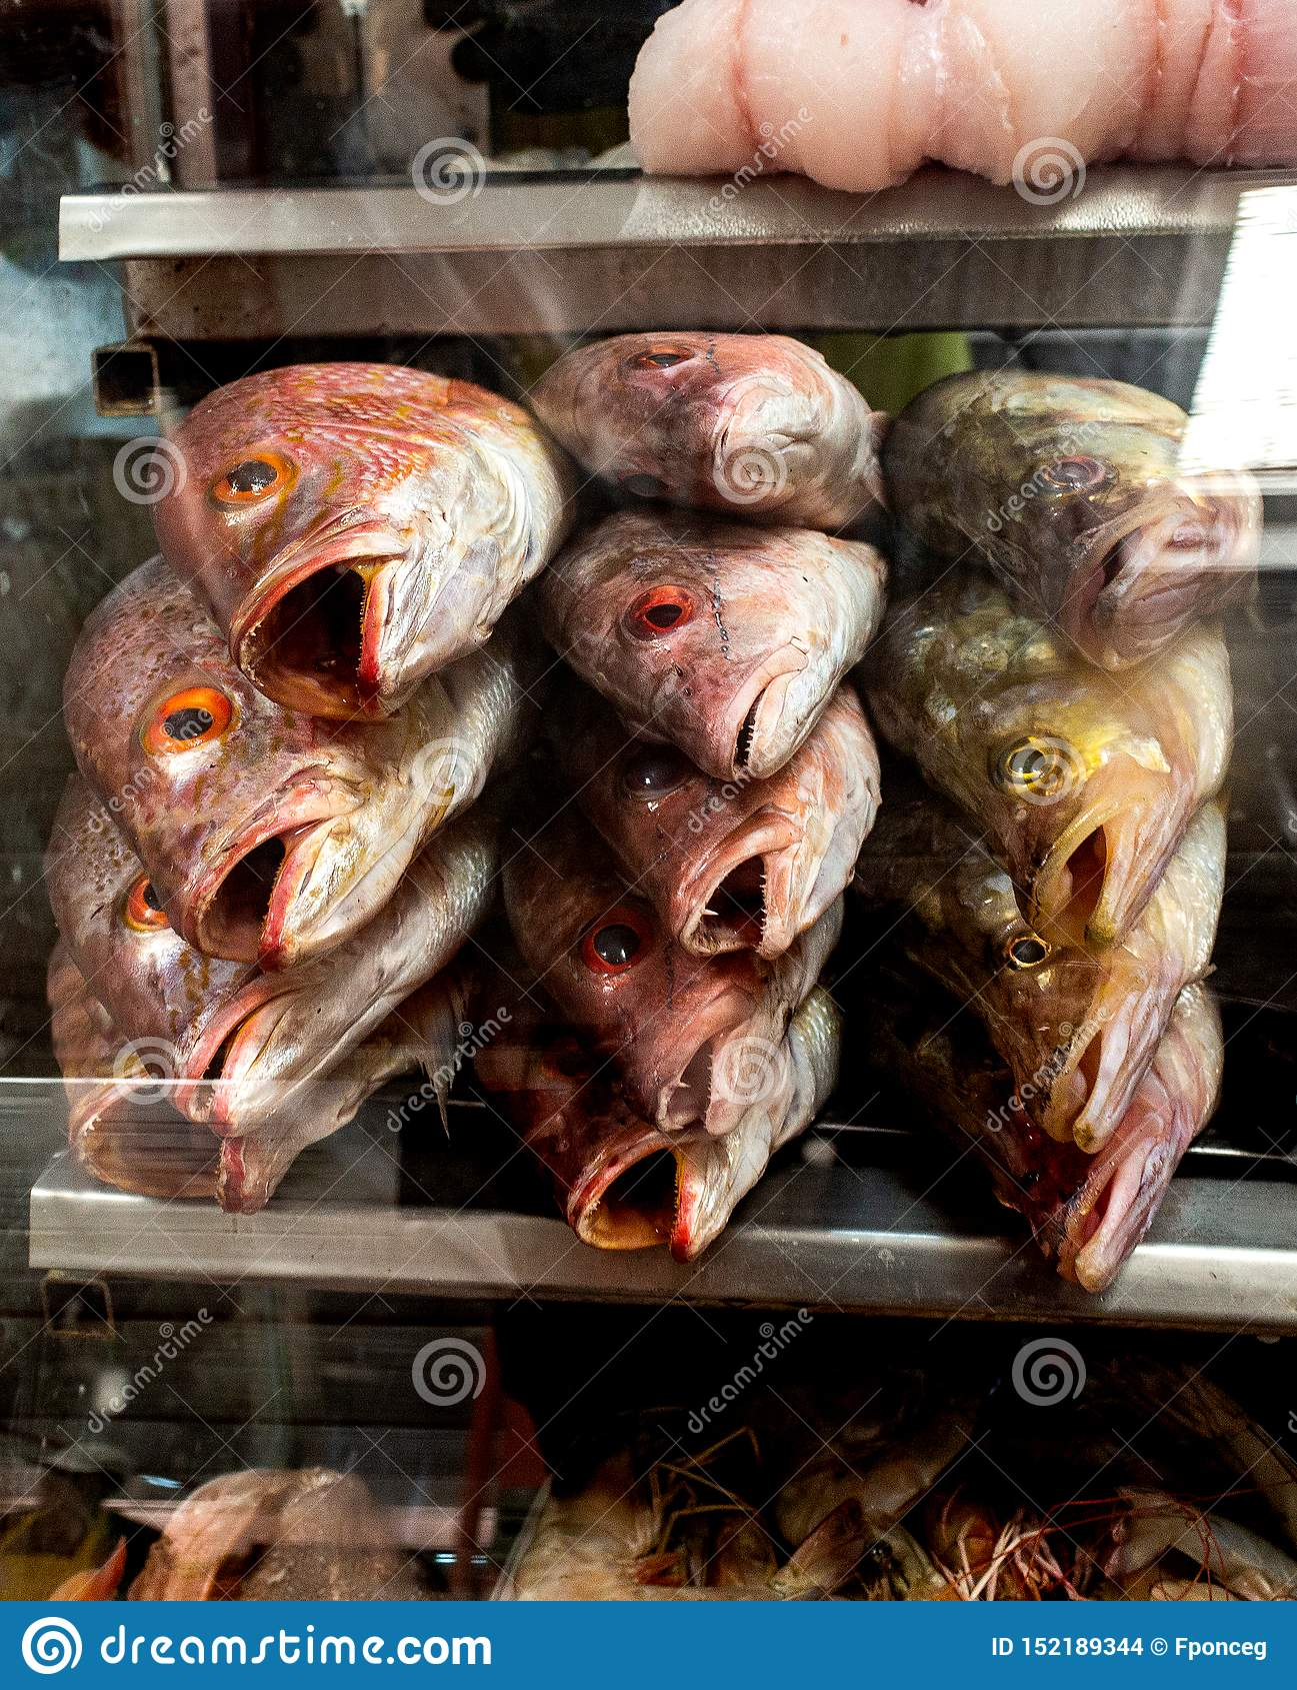 Esibito in una vetrina di un mercato